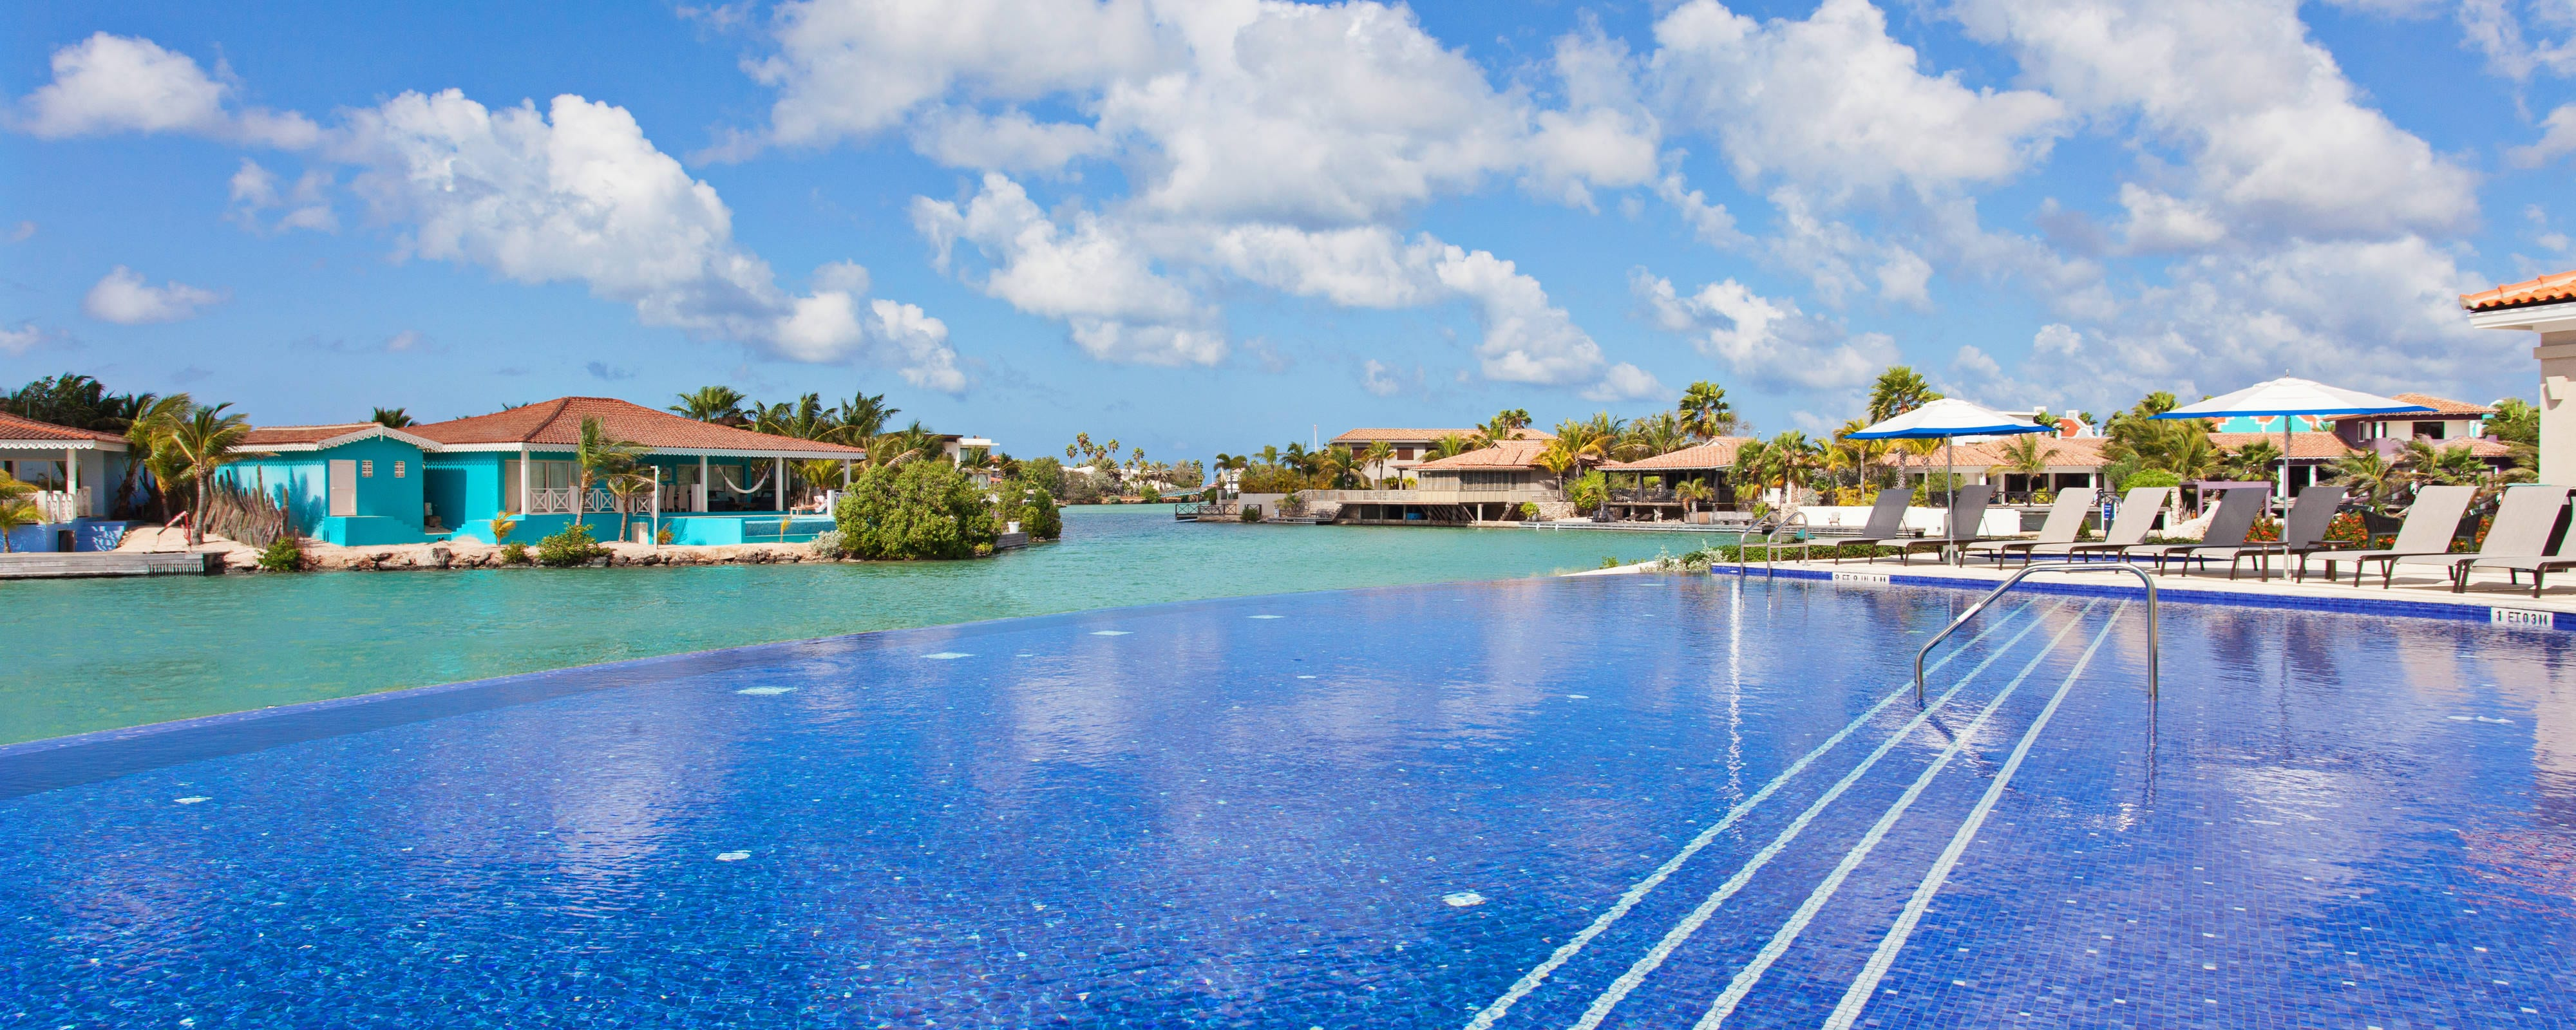 Hotel gym in kralendijk recreation activities at the - Bonaire dive resorts ...